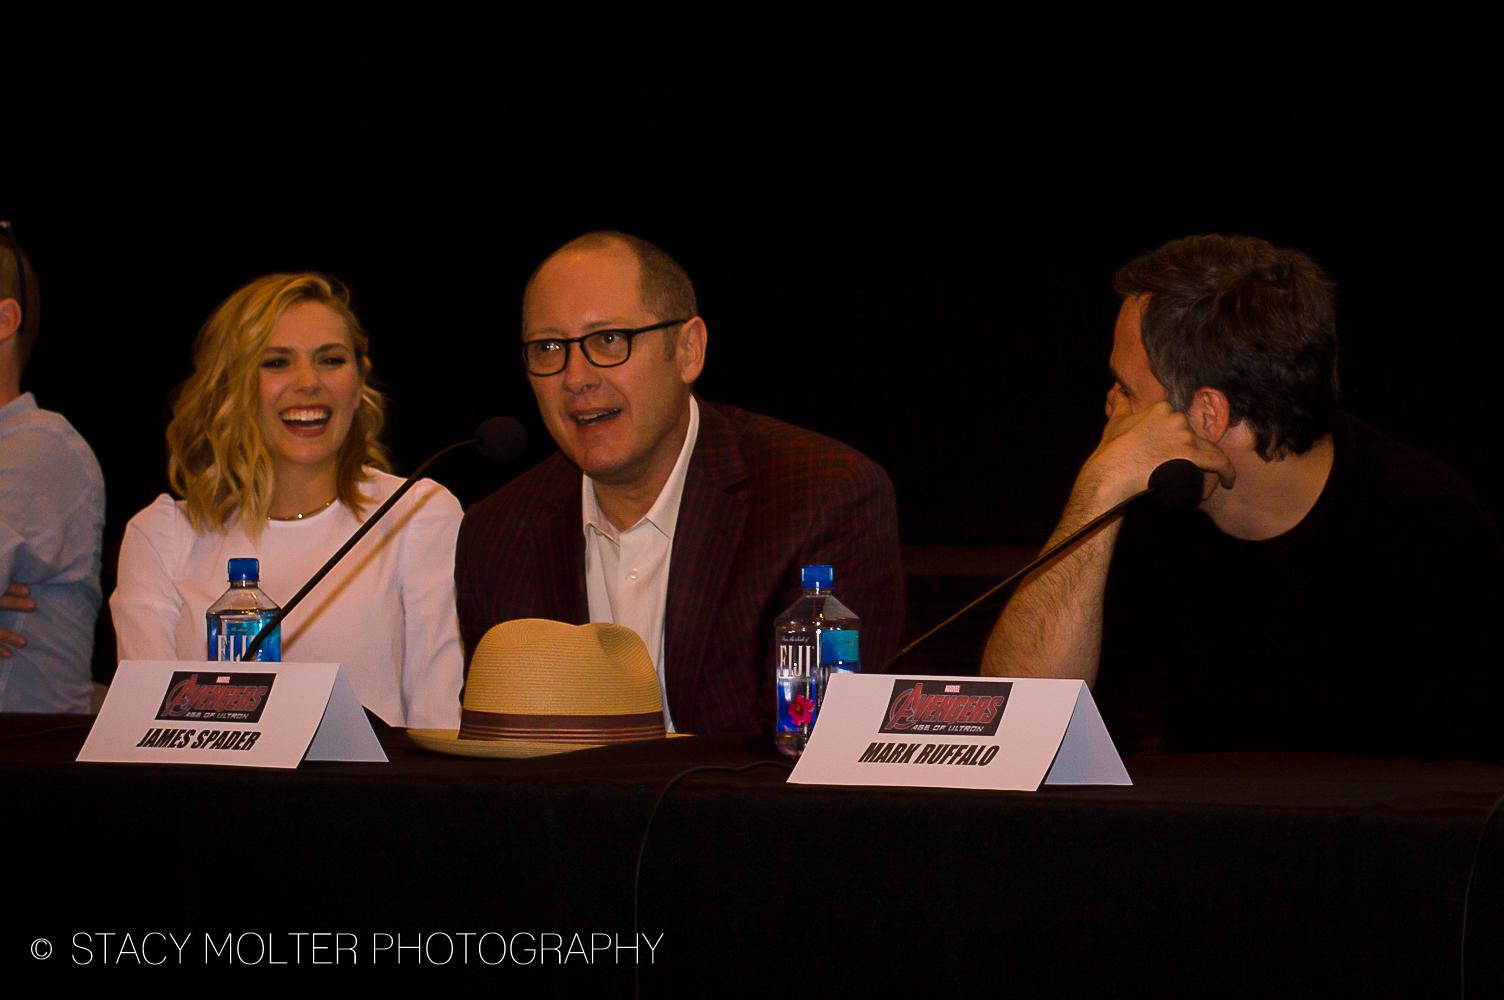 Elizabeth Olsen, James Spader, Mark Ruffalo - Avengers Age of Ultron Press Conference Junket